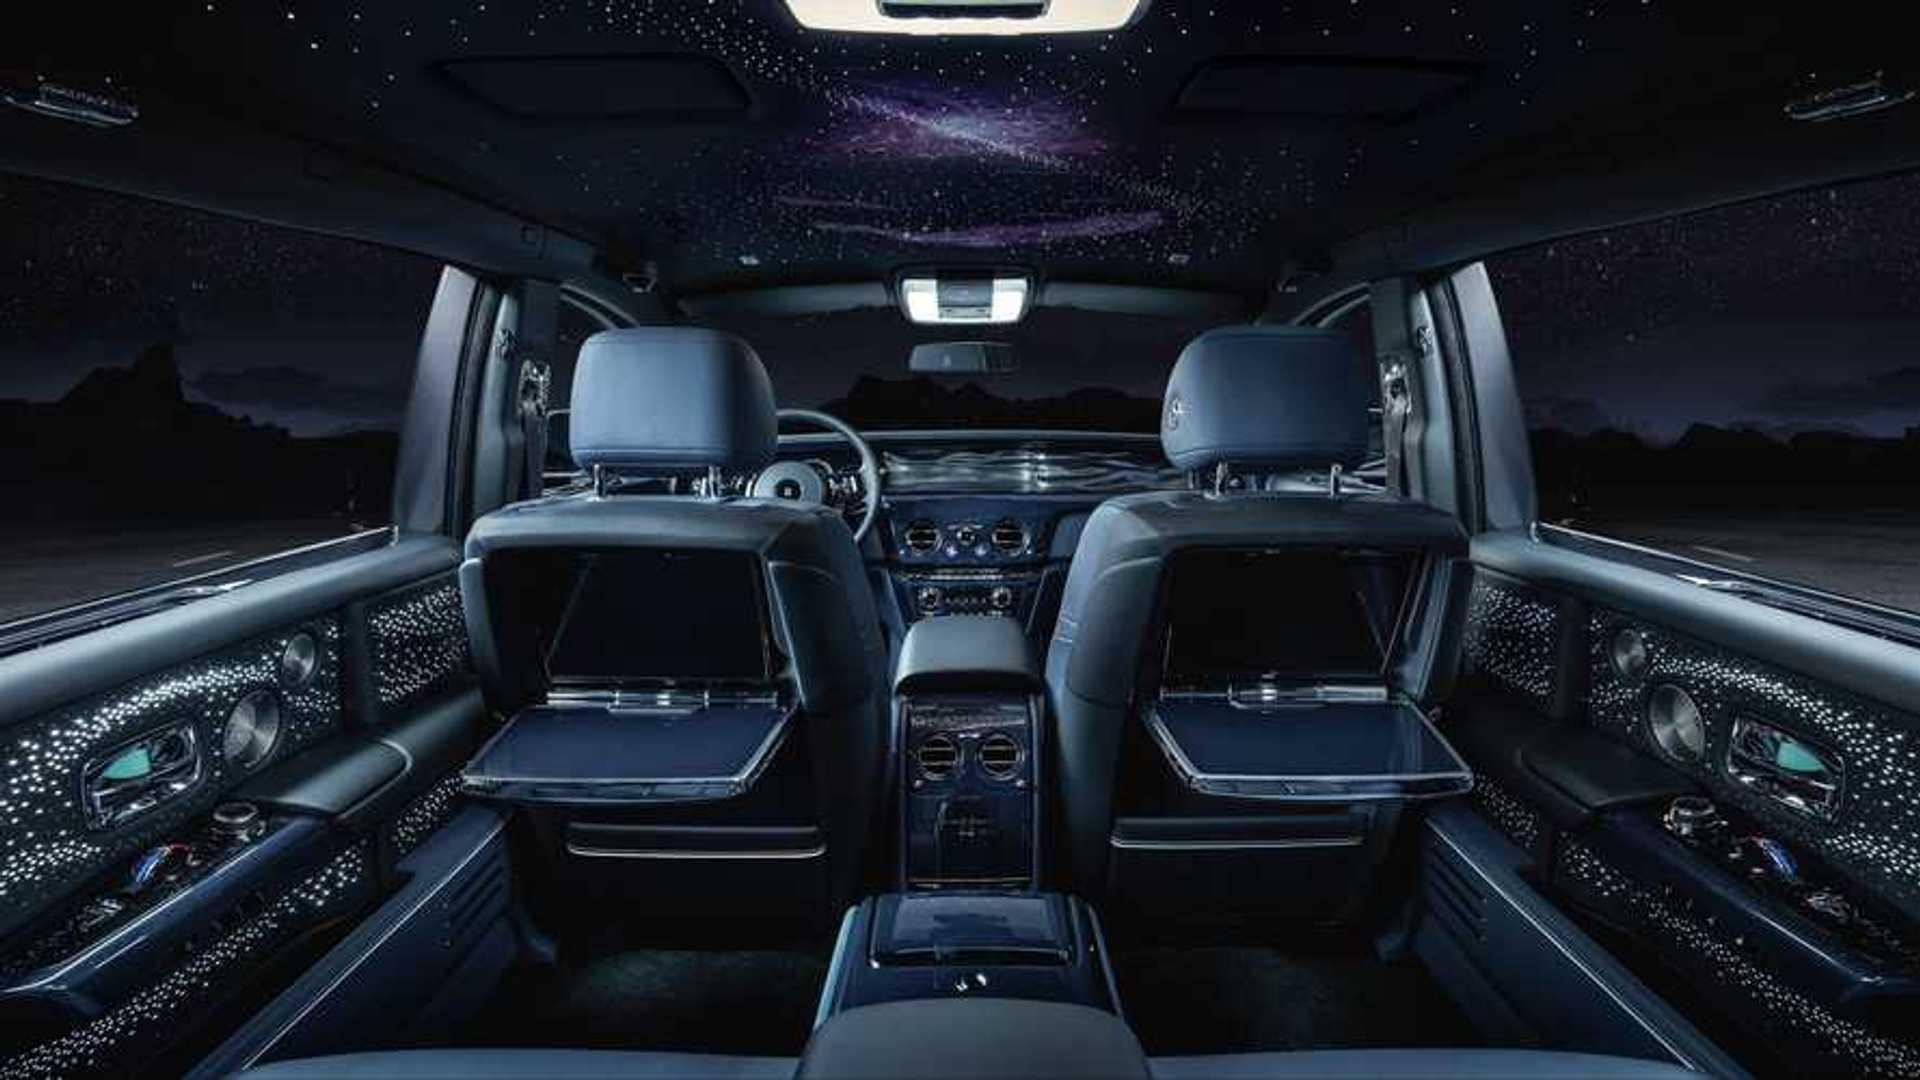 Rolls-Royce Phantom Tempus обращается к звездам Pulsar в качестве неподвластного времени дизайна